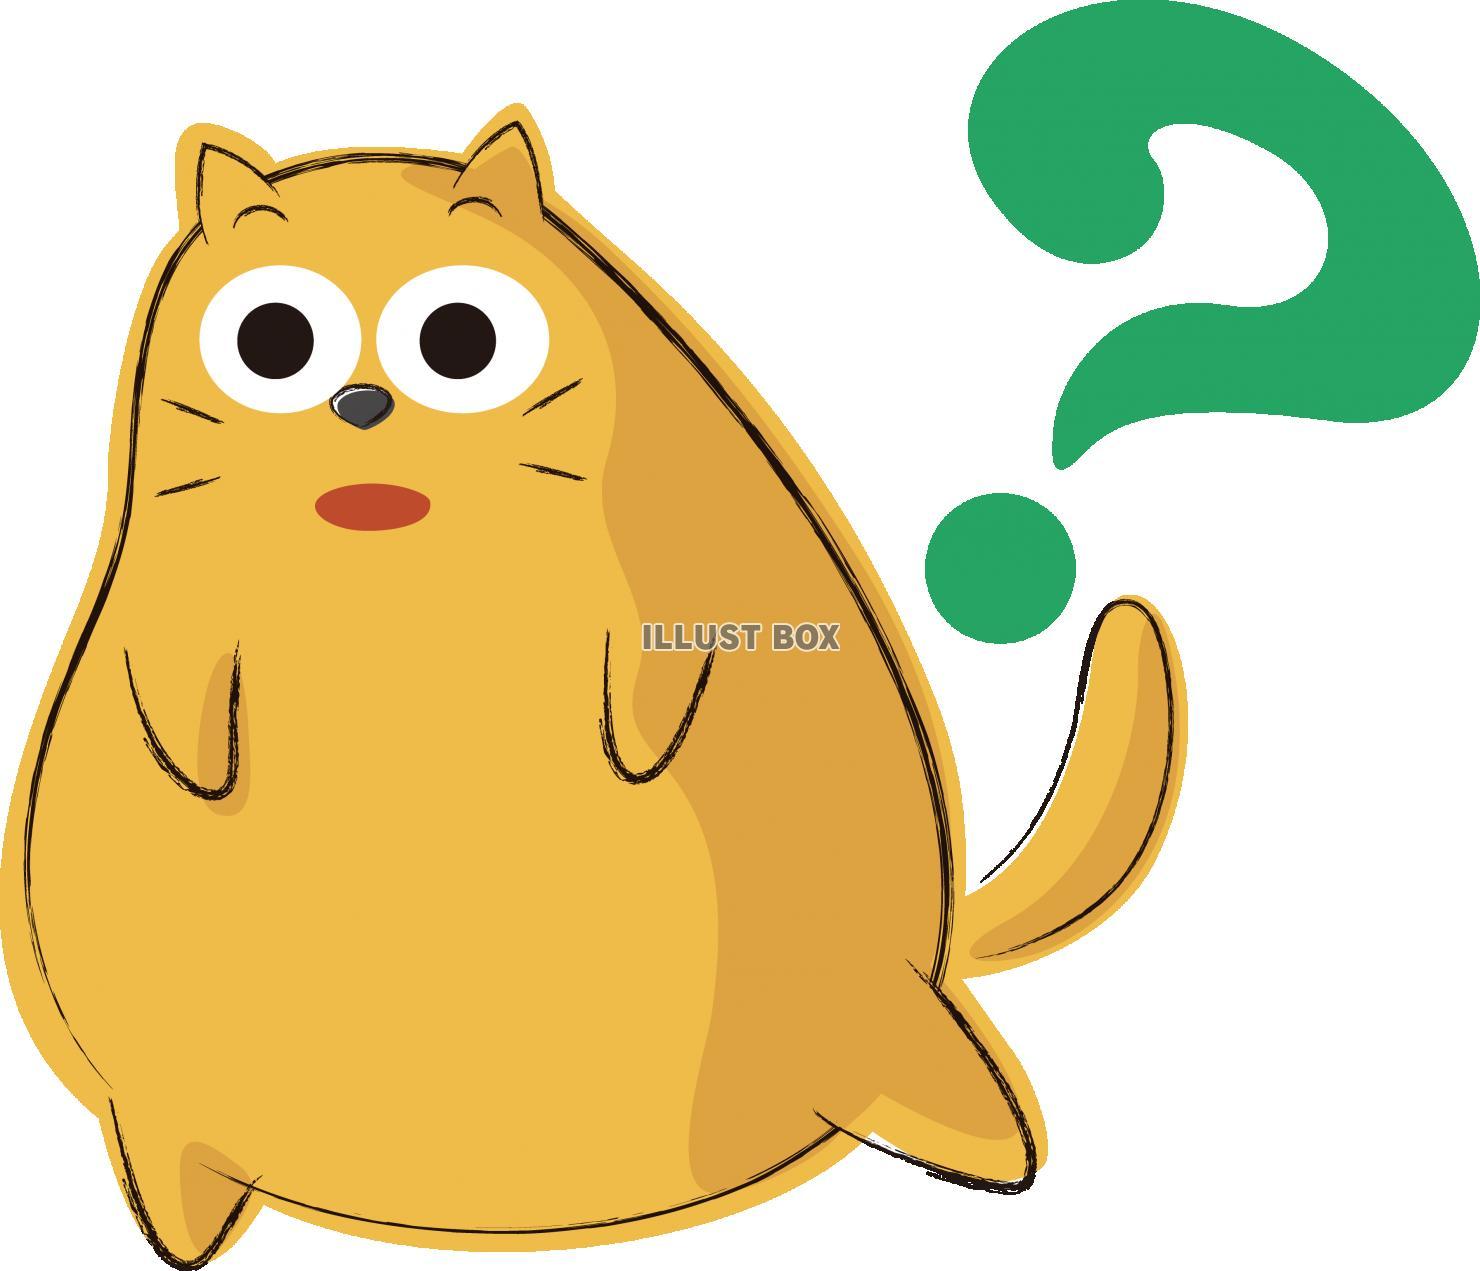 無料イラスト 可愛いネコ キャラクター 疑問